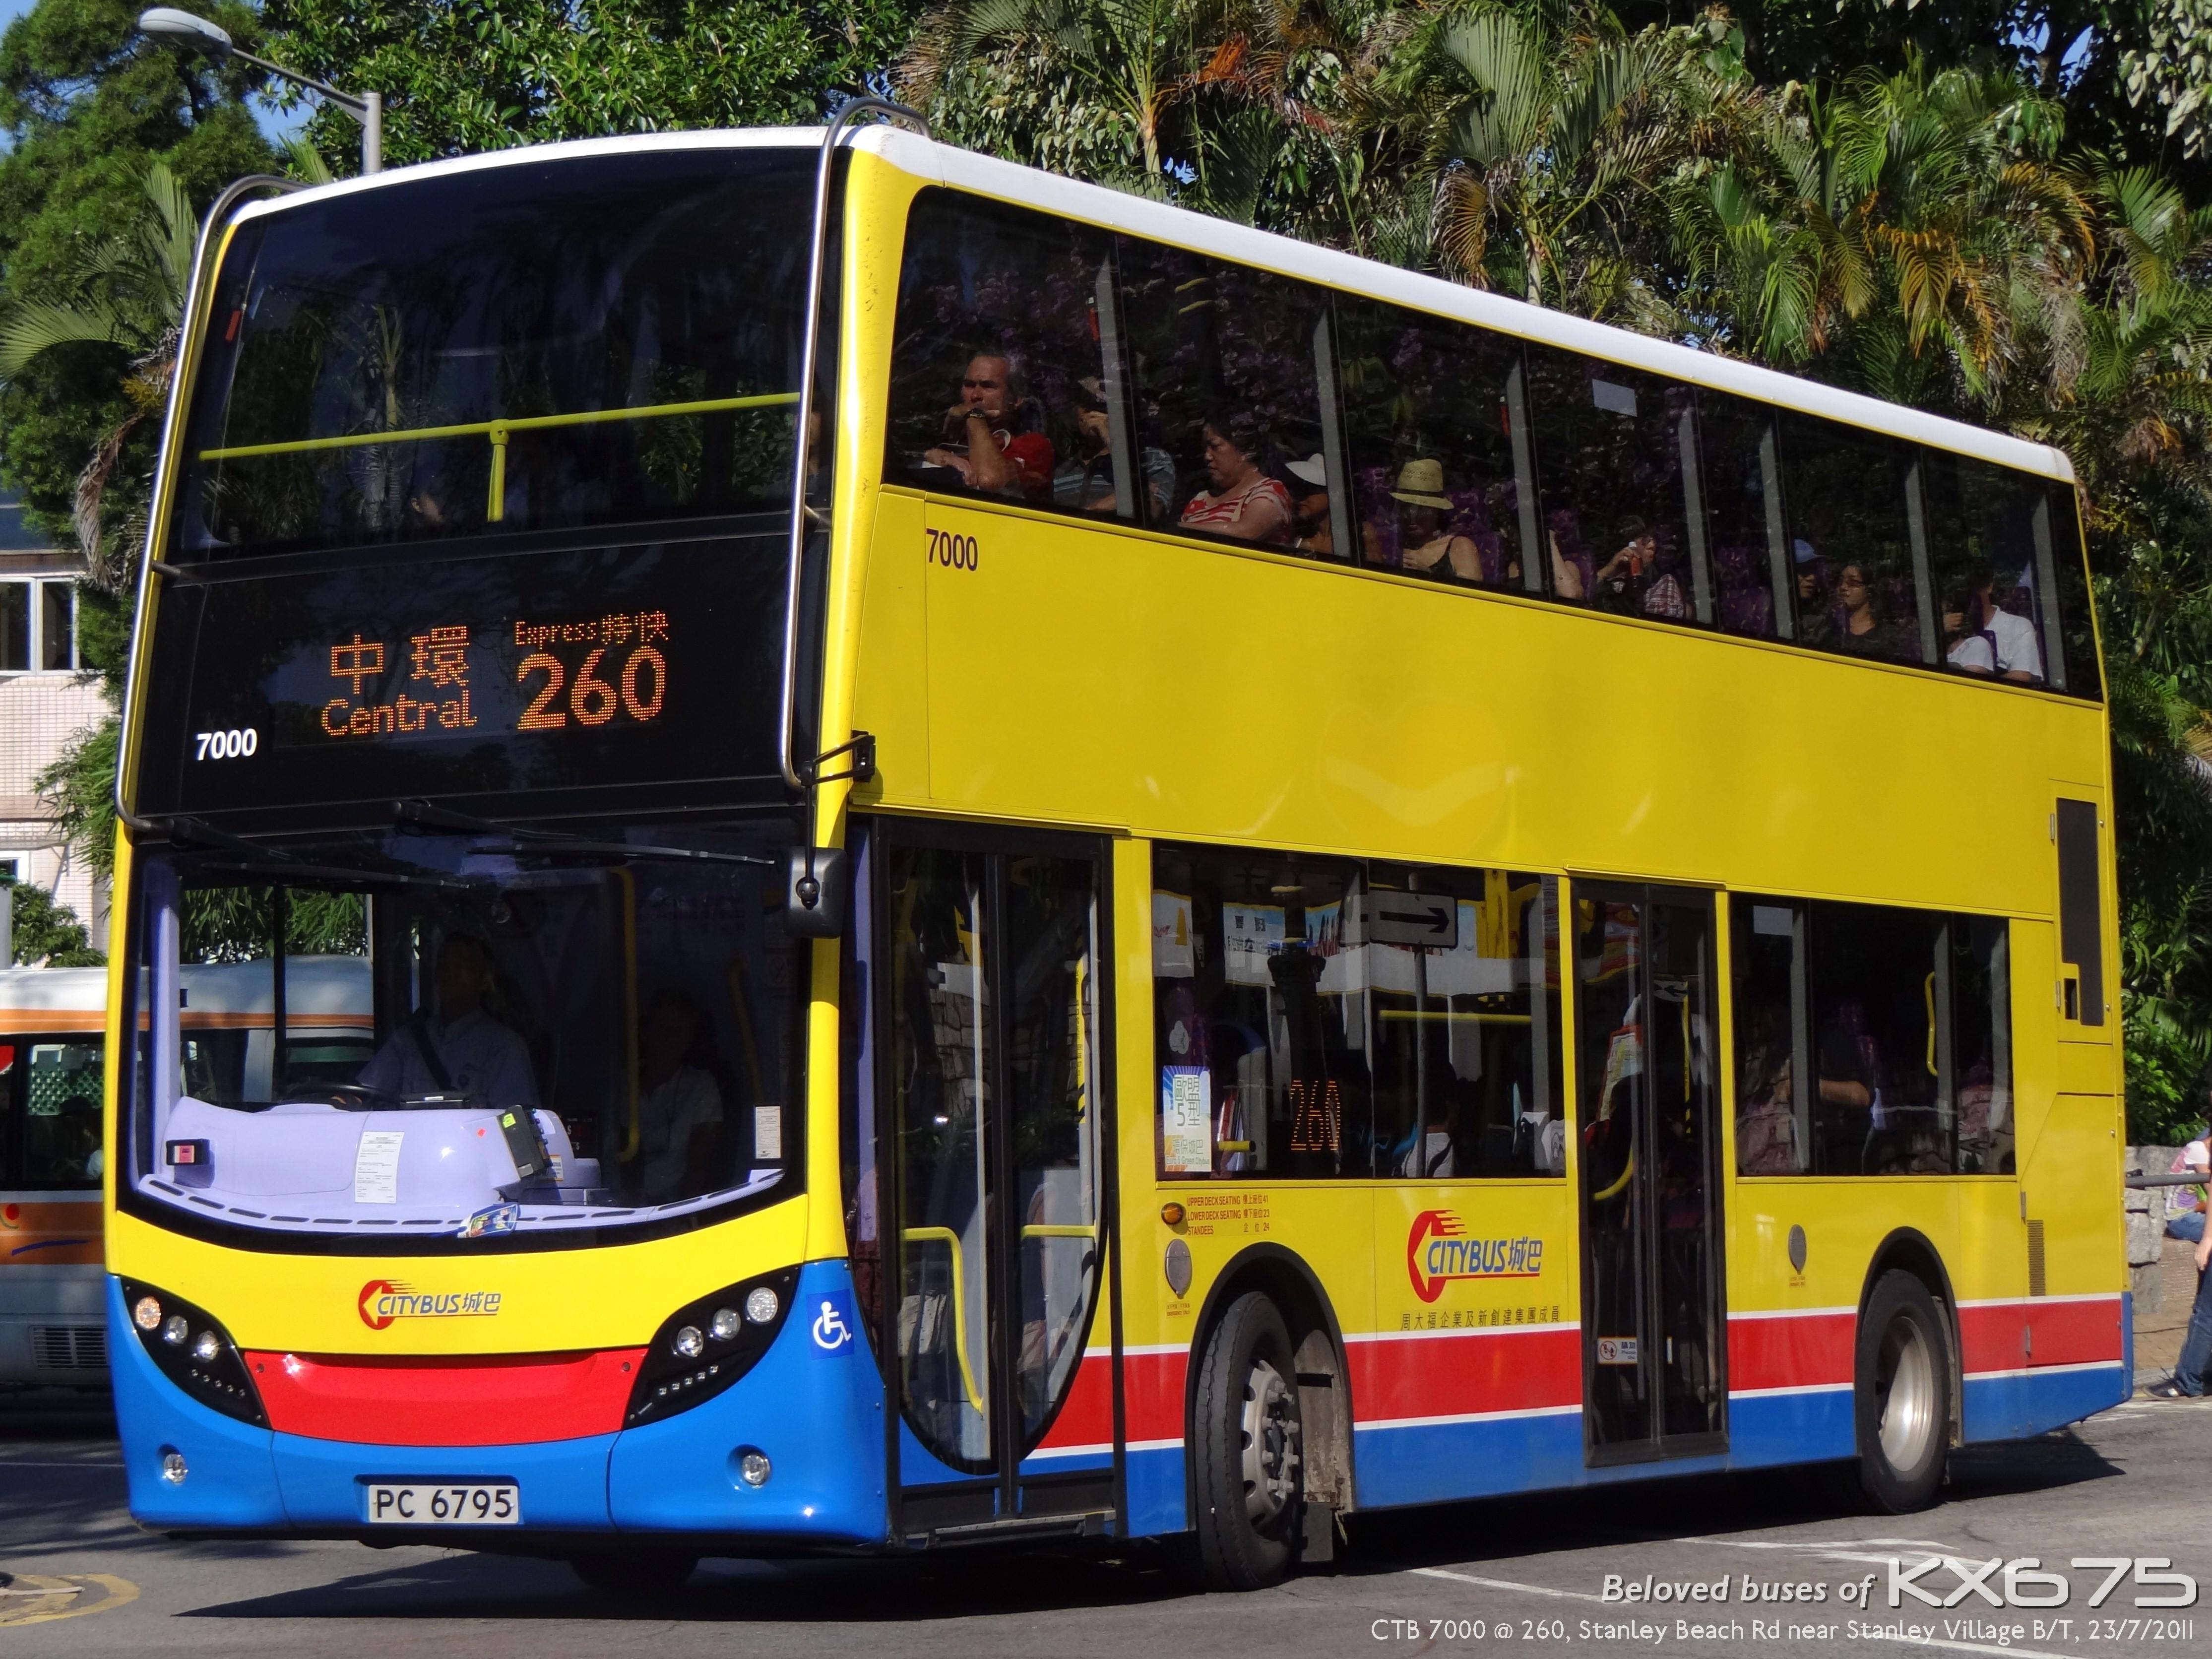 广州双层巴士线路图